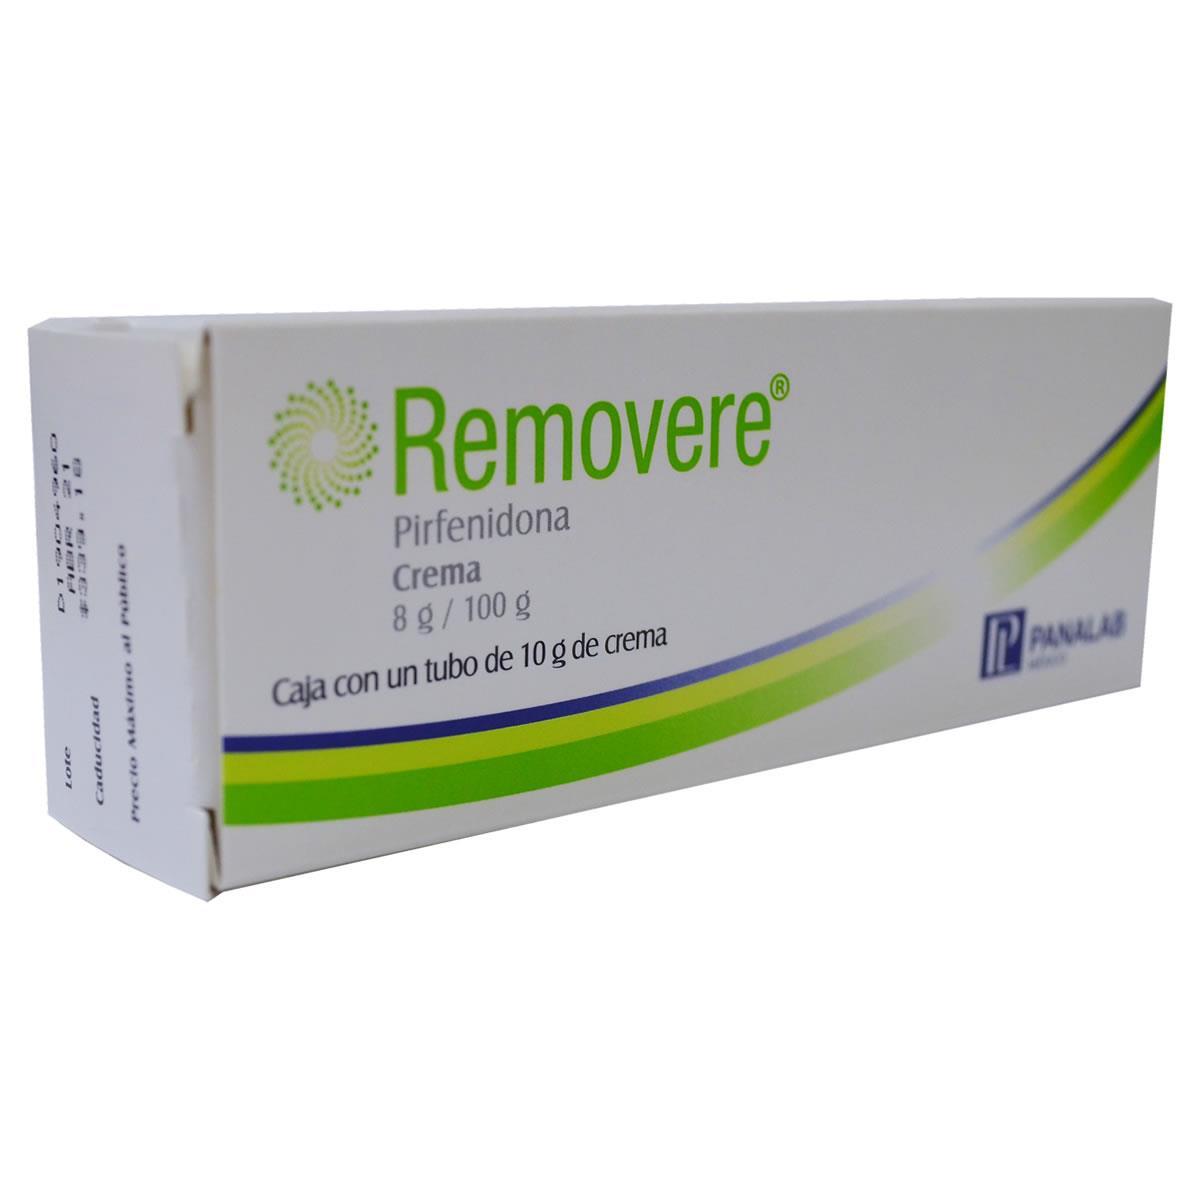 Removere 10 G